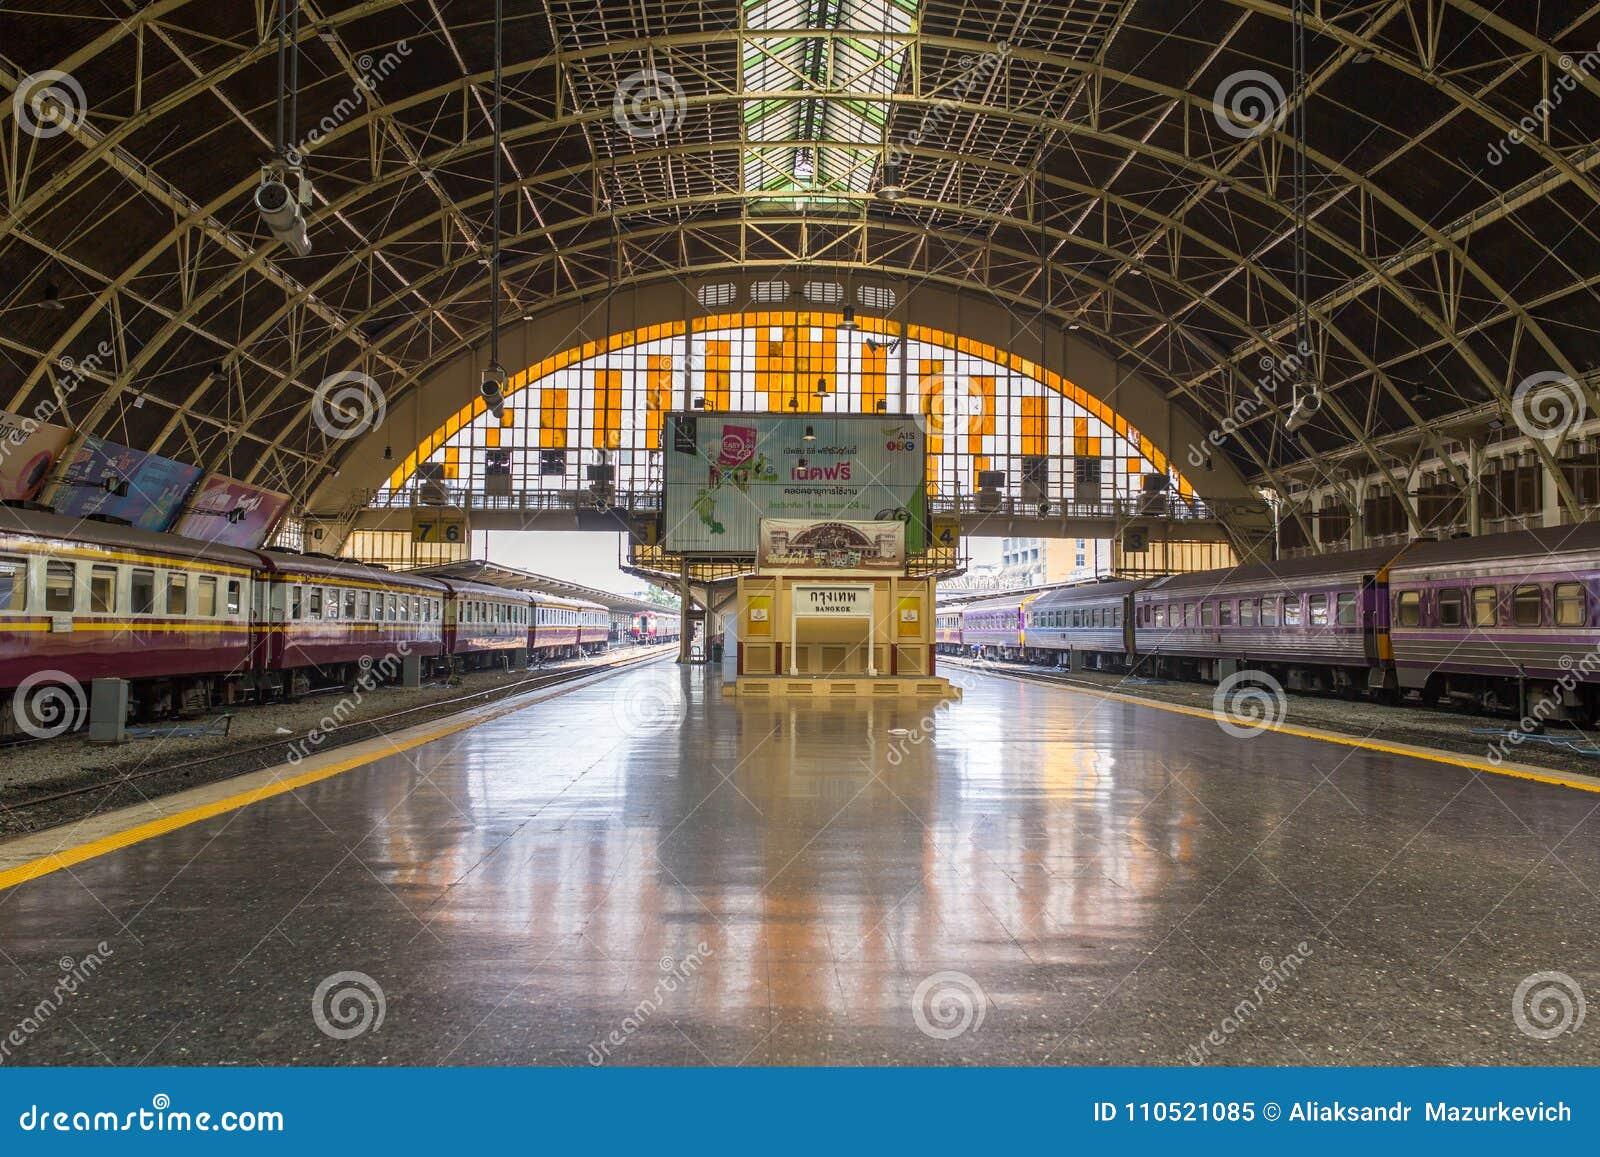 General view of Hua Lamphong station, the main railway station in Bangkok, Thailand.